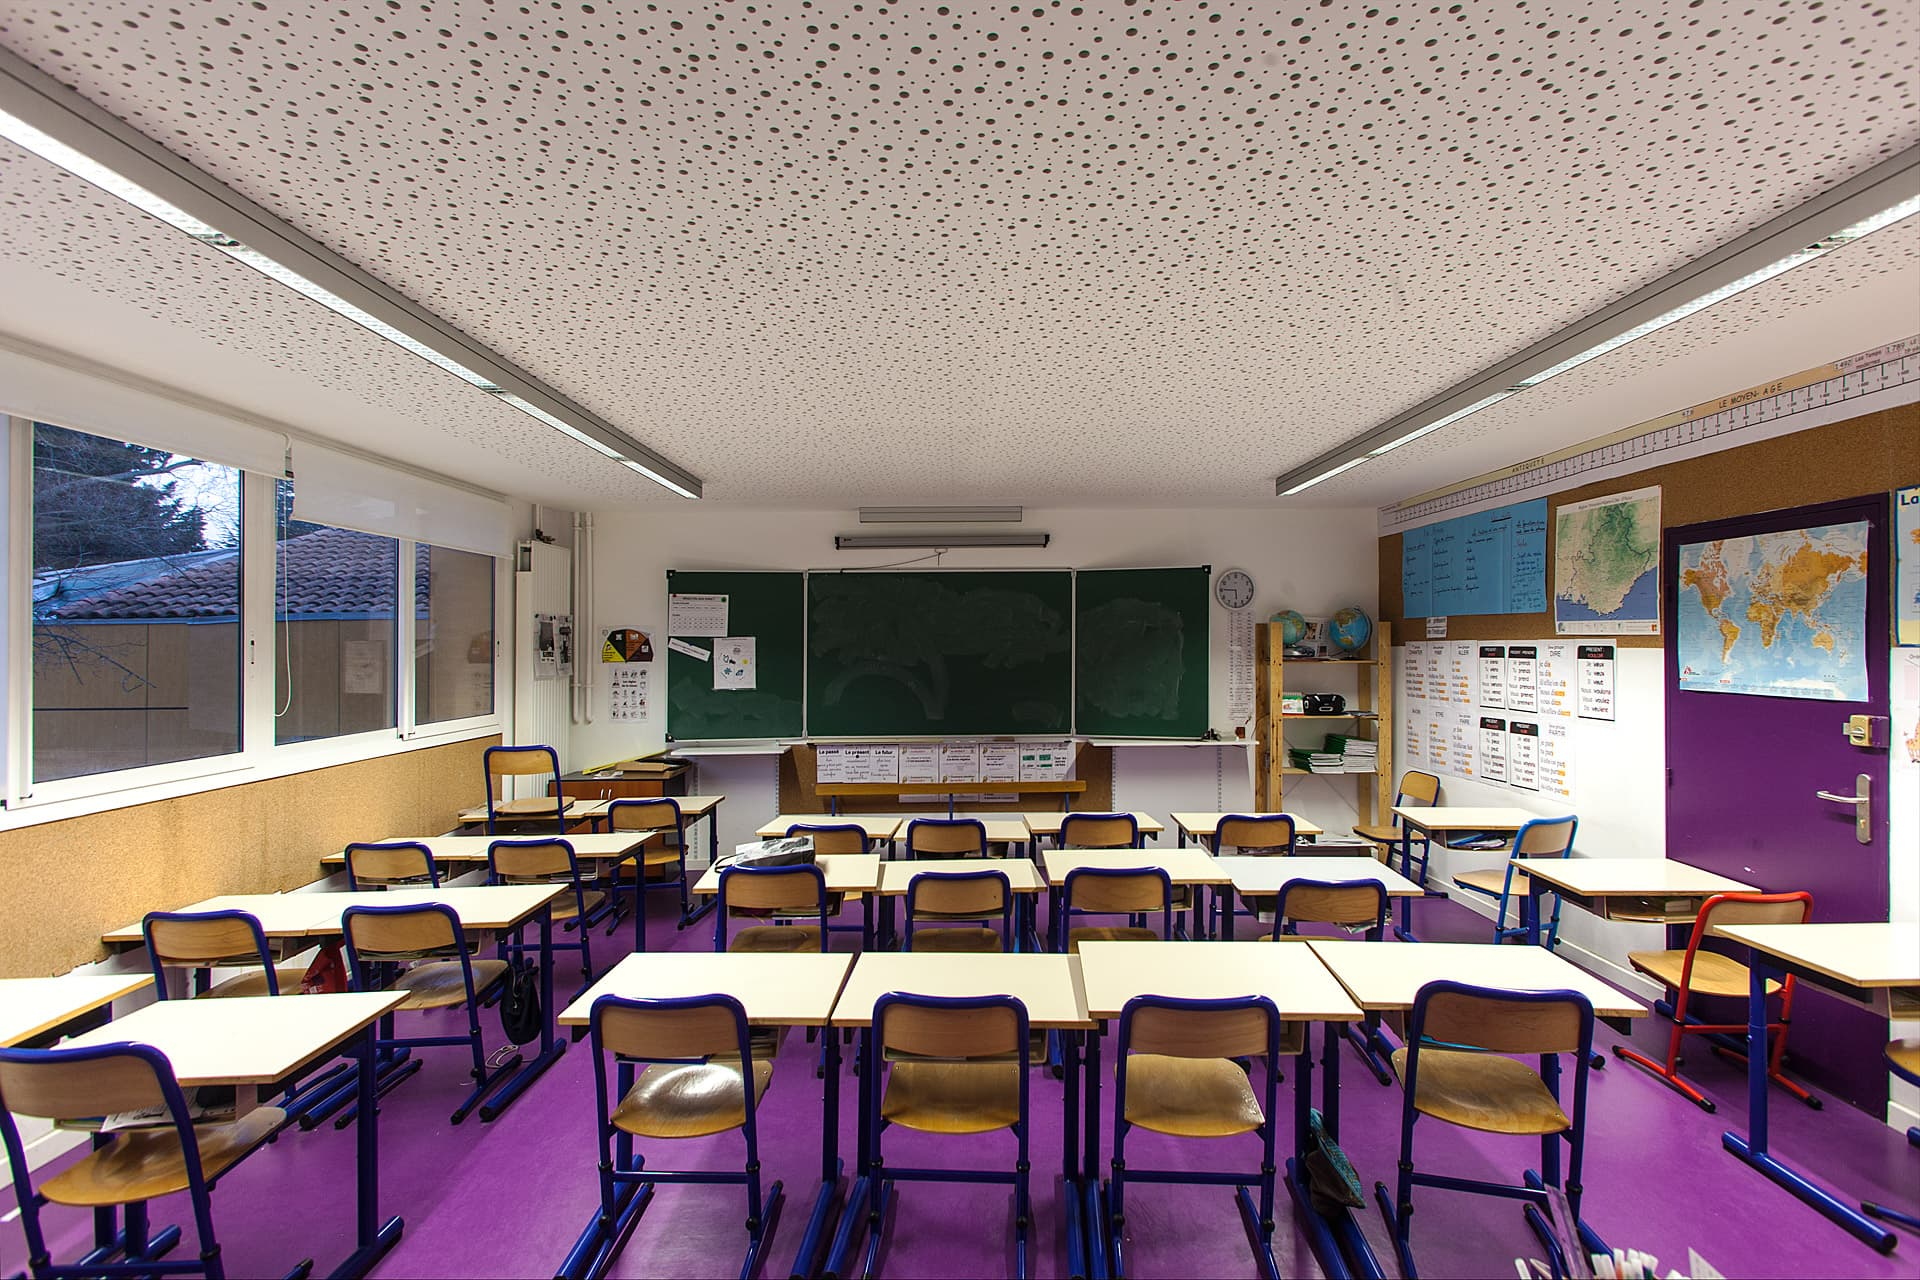 Eclairage d'une salle de classe de l'école ouvrière